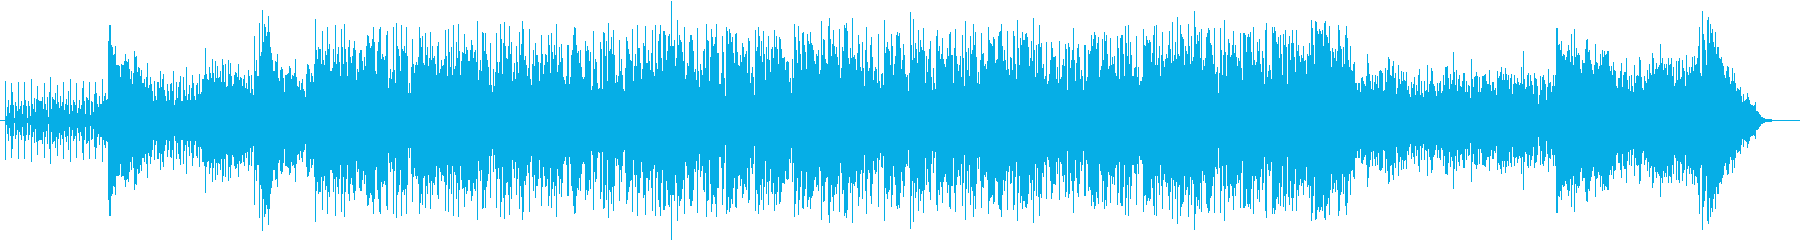 海辺のドライブに合う曲の再生済みの波形